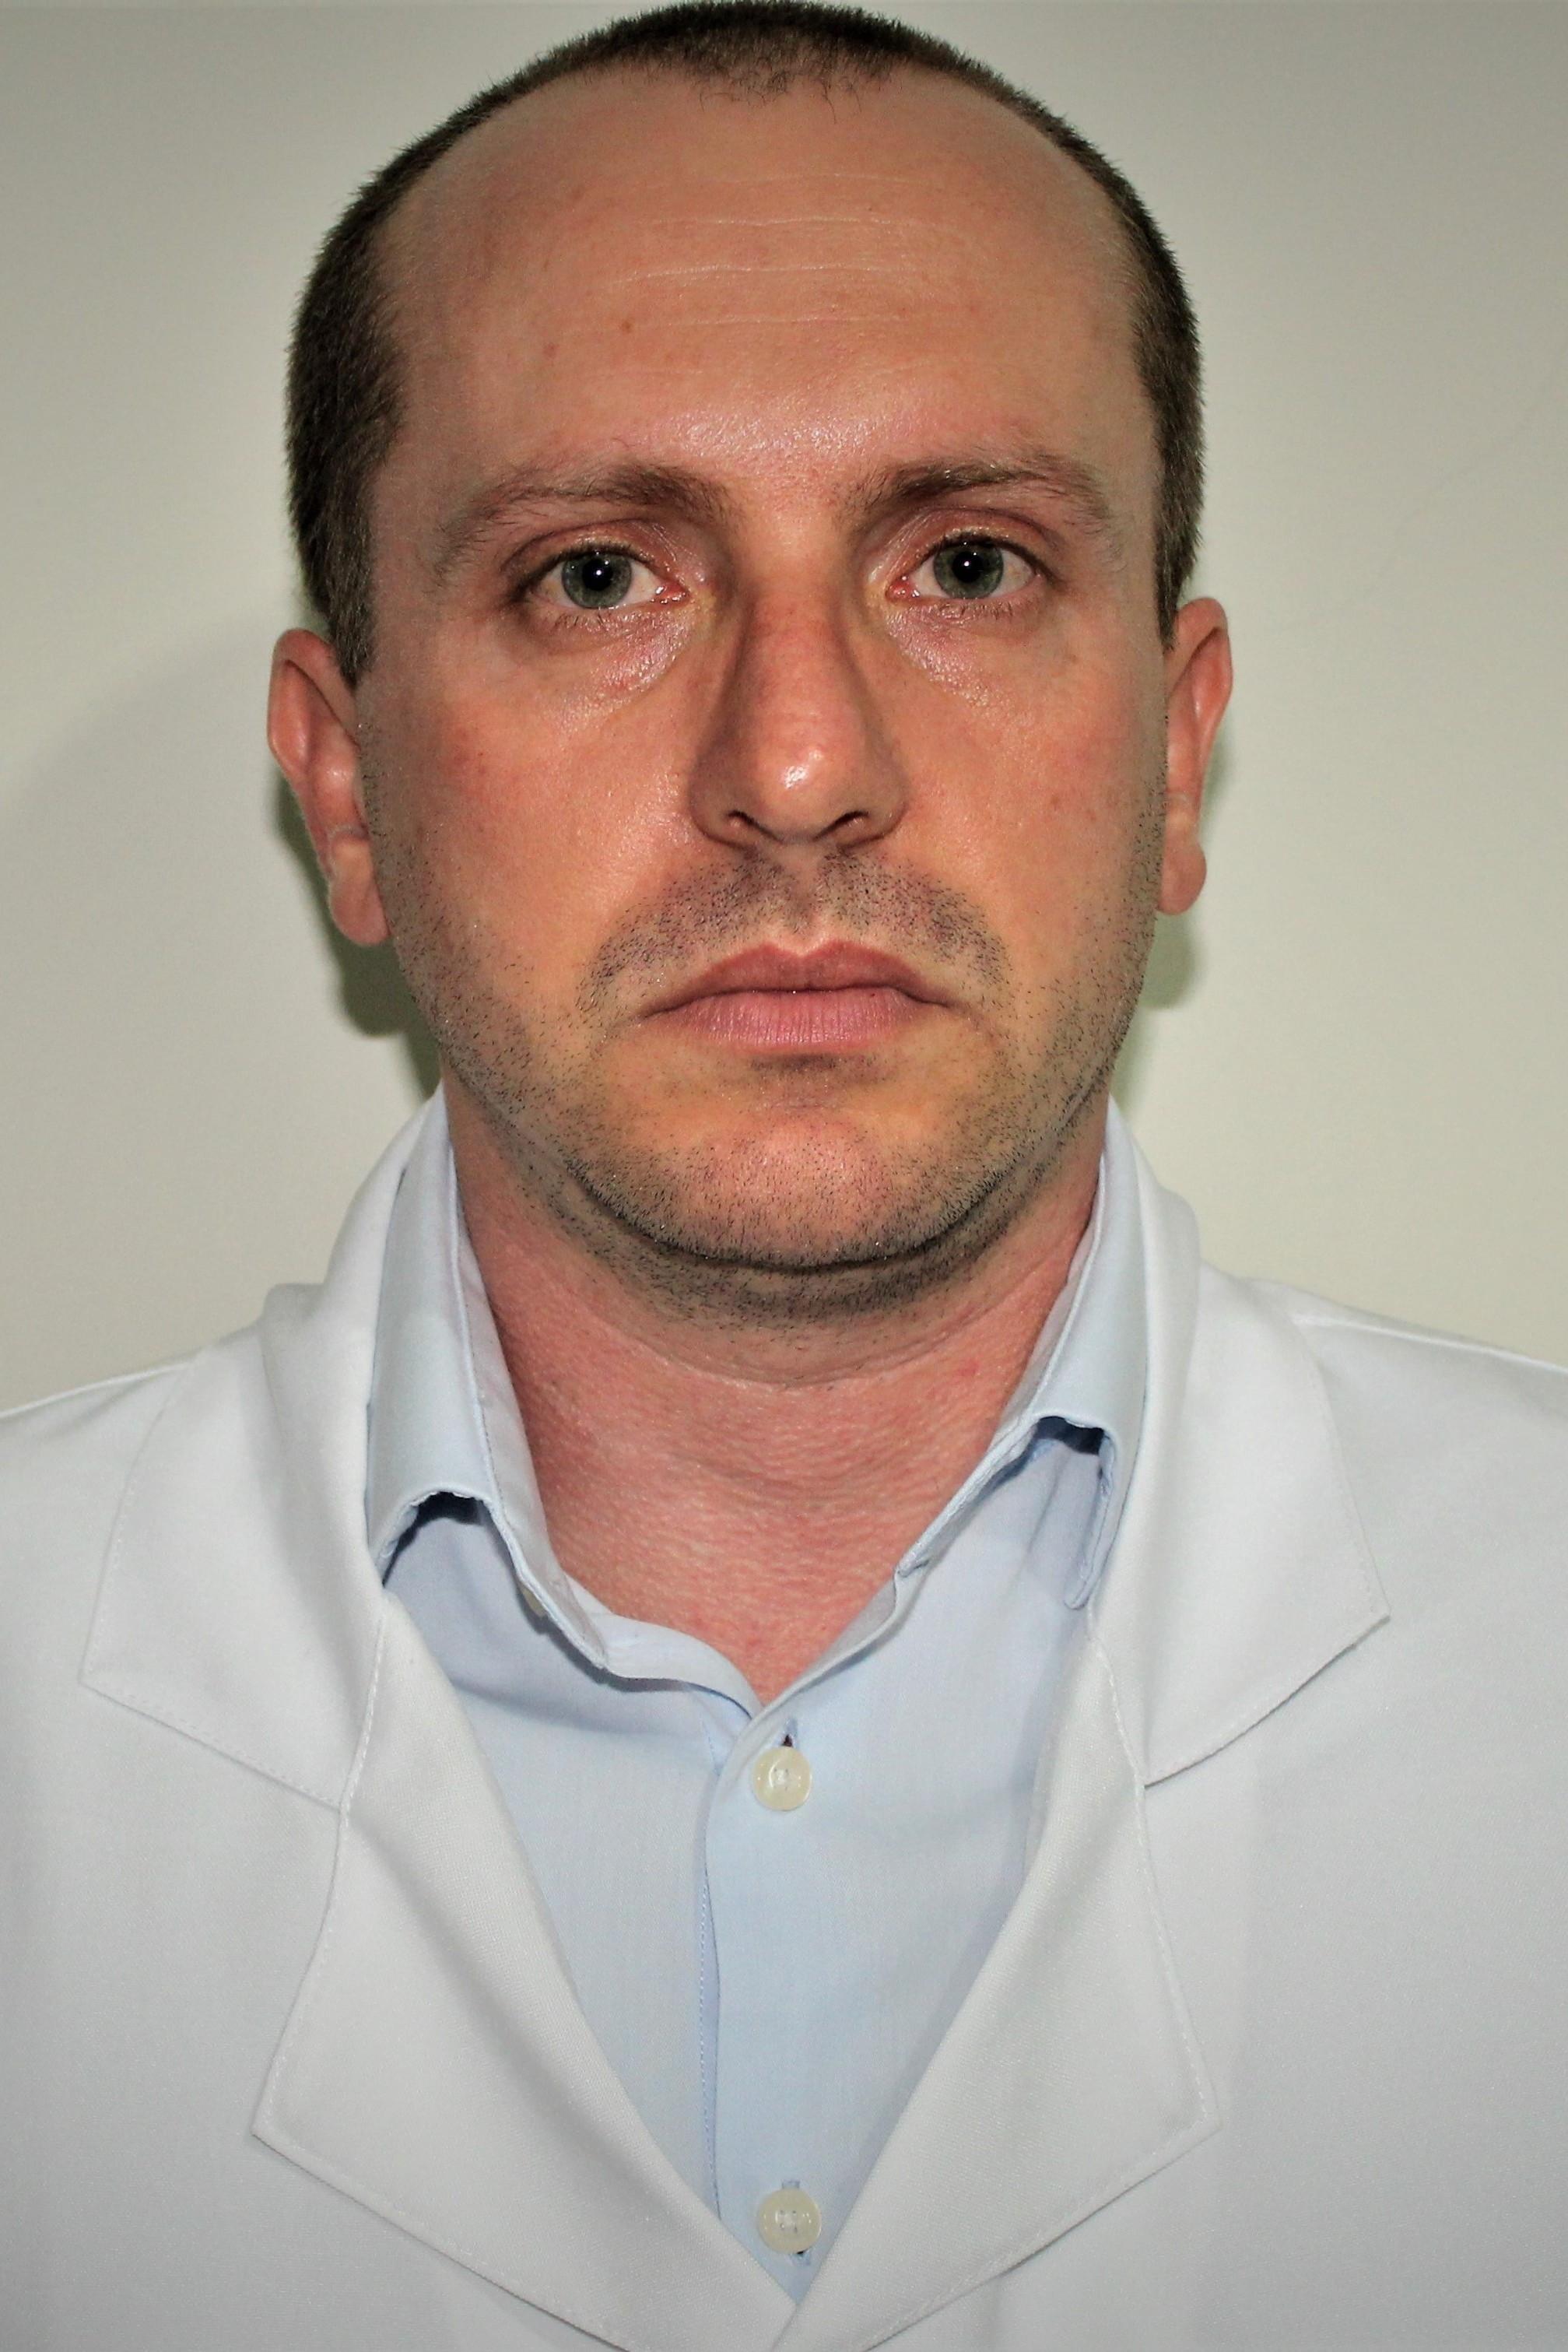 Dr. Neimar Scolari